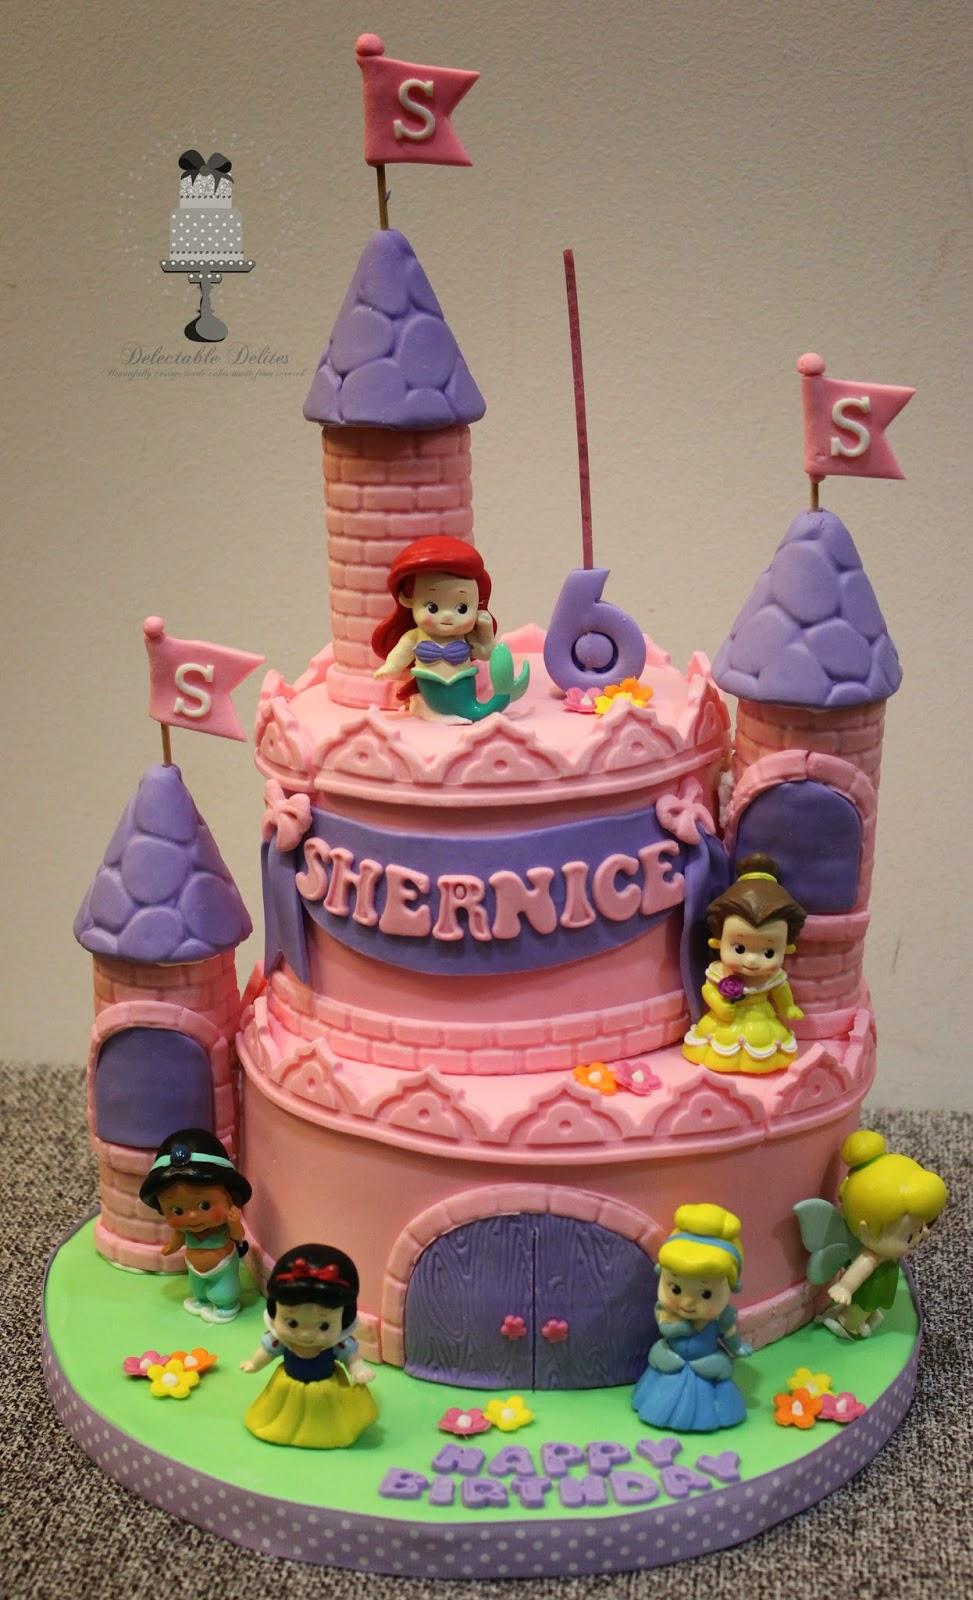 Delectable Delites Baby Disney Princess Castle Cake